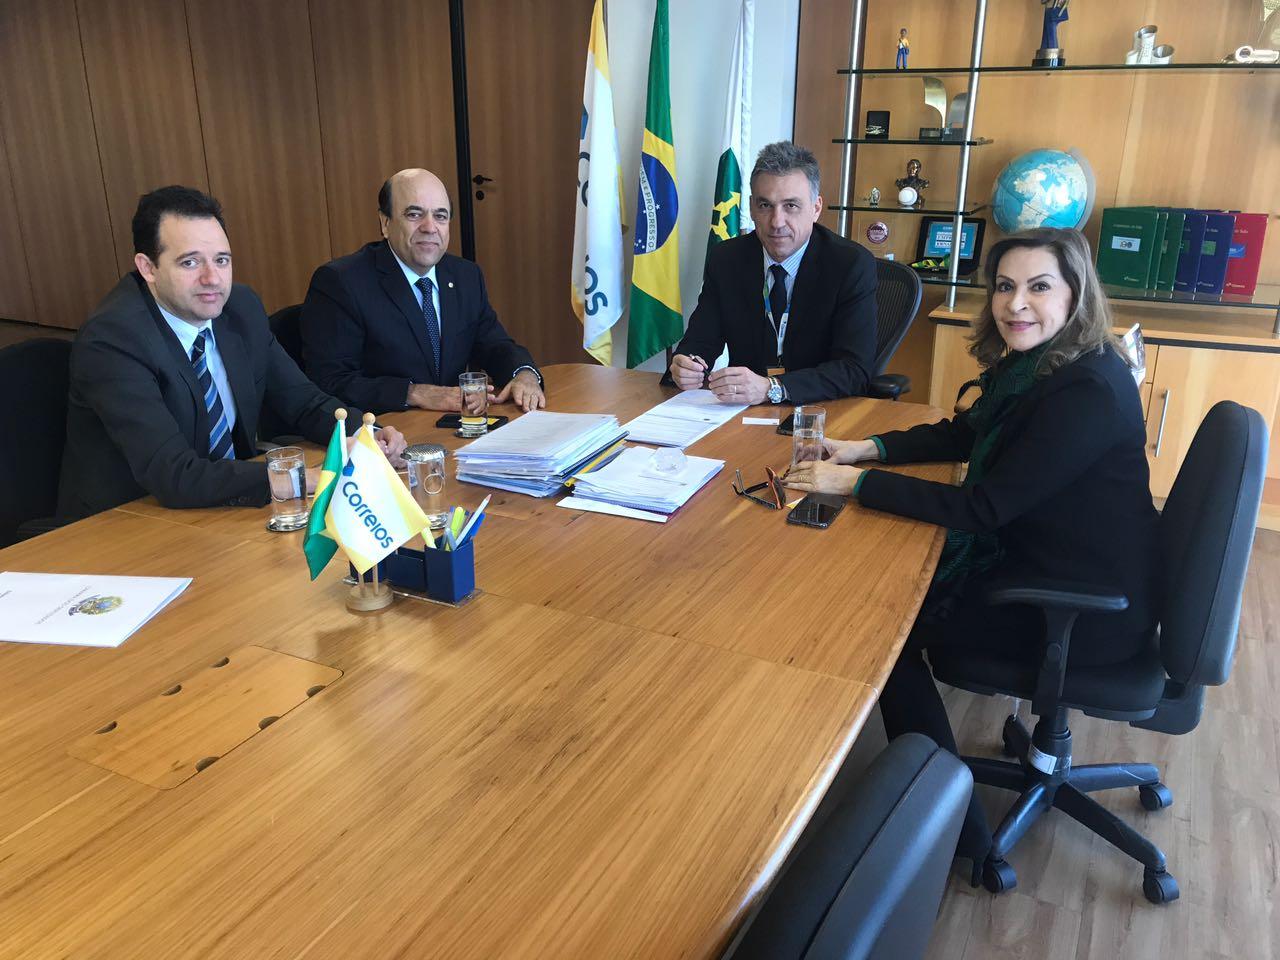 Vereador Carlos Lindomar, presidente estadual do PSL Carlos Alberto Pereira, presidente dos Correios, Guilherme Campos e a deputada federal Dâmina Perreira.